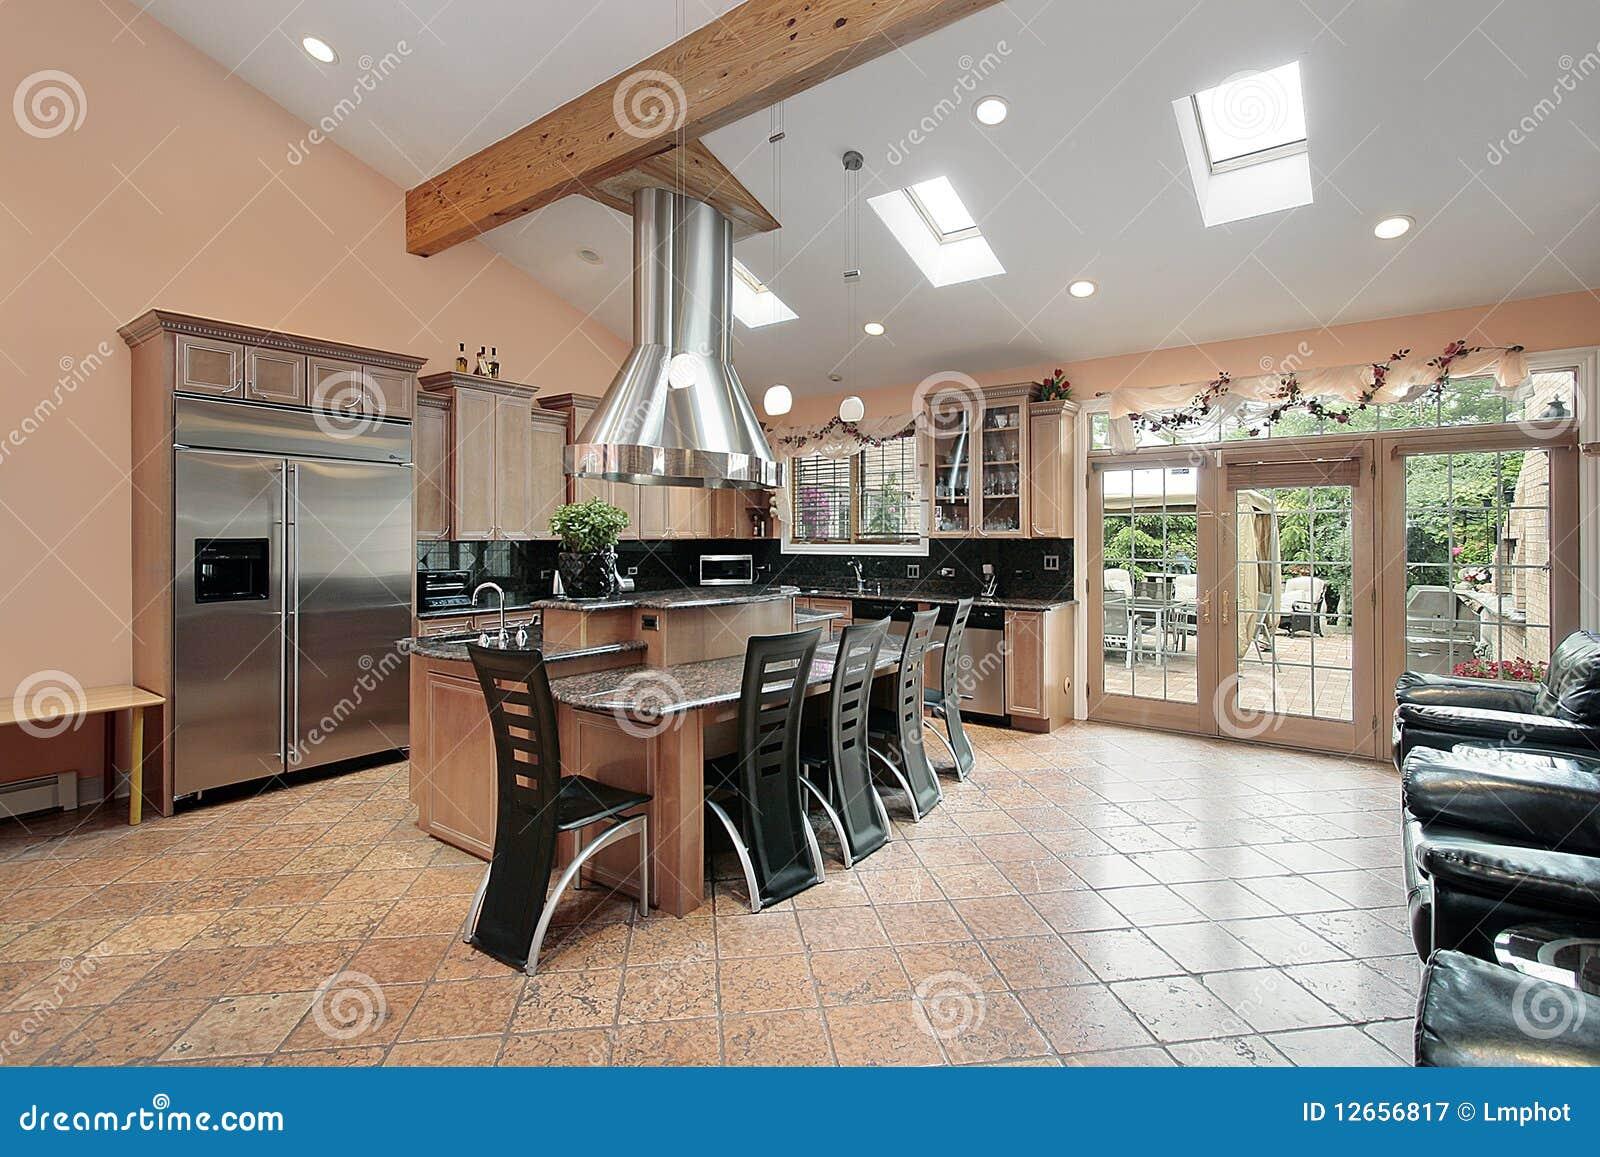 Keuken Met Dakraam : Keuken met dakramen stock afbeelding. afbeelding bestaande uit